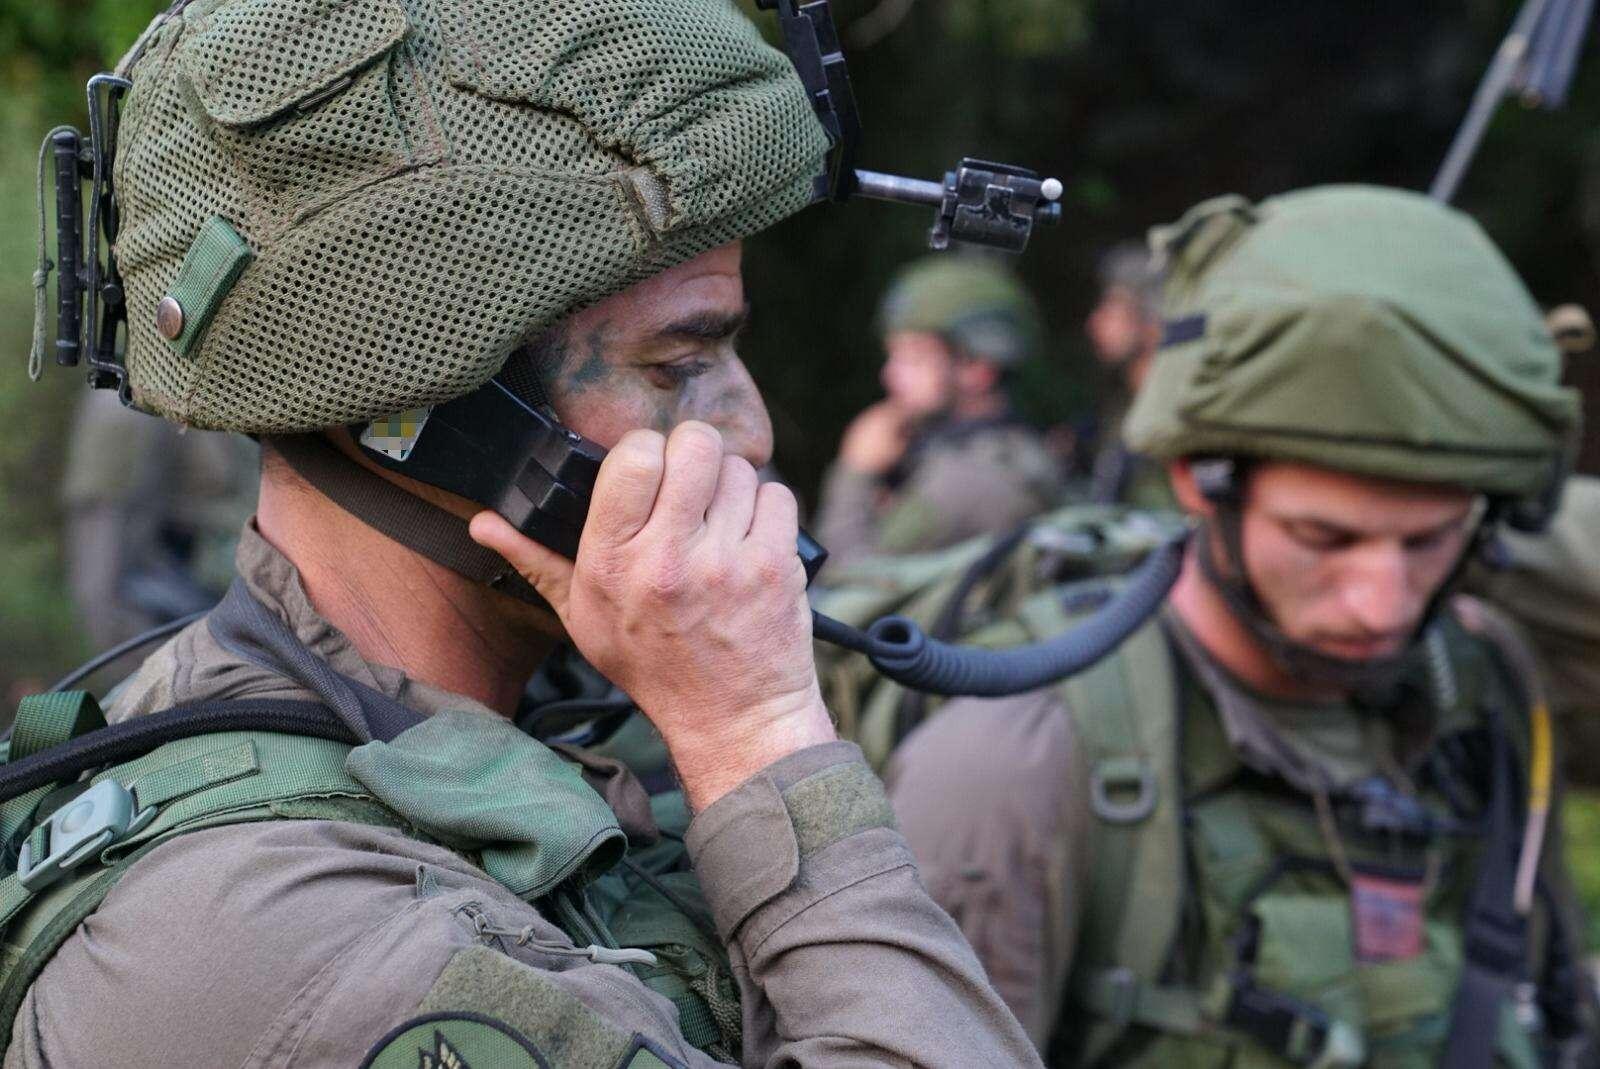 """עם הפנים לאויבים מצפון: התרגיל הגדול של צה""""ל ללחימה בזירה הלבנונית"""